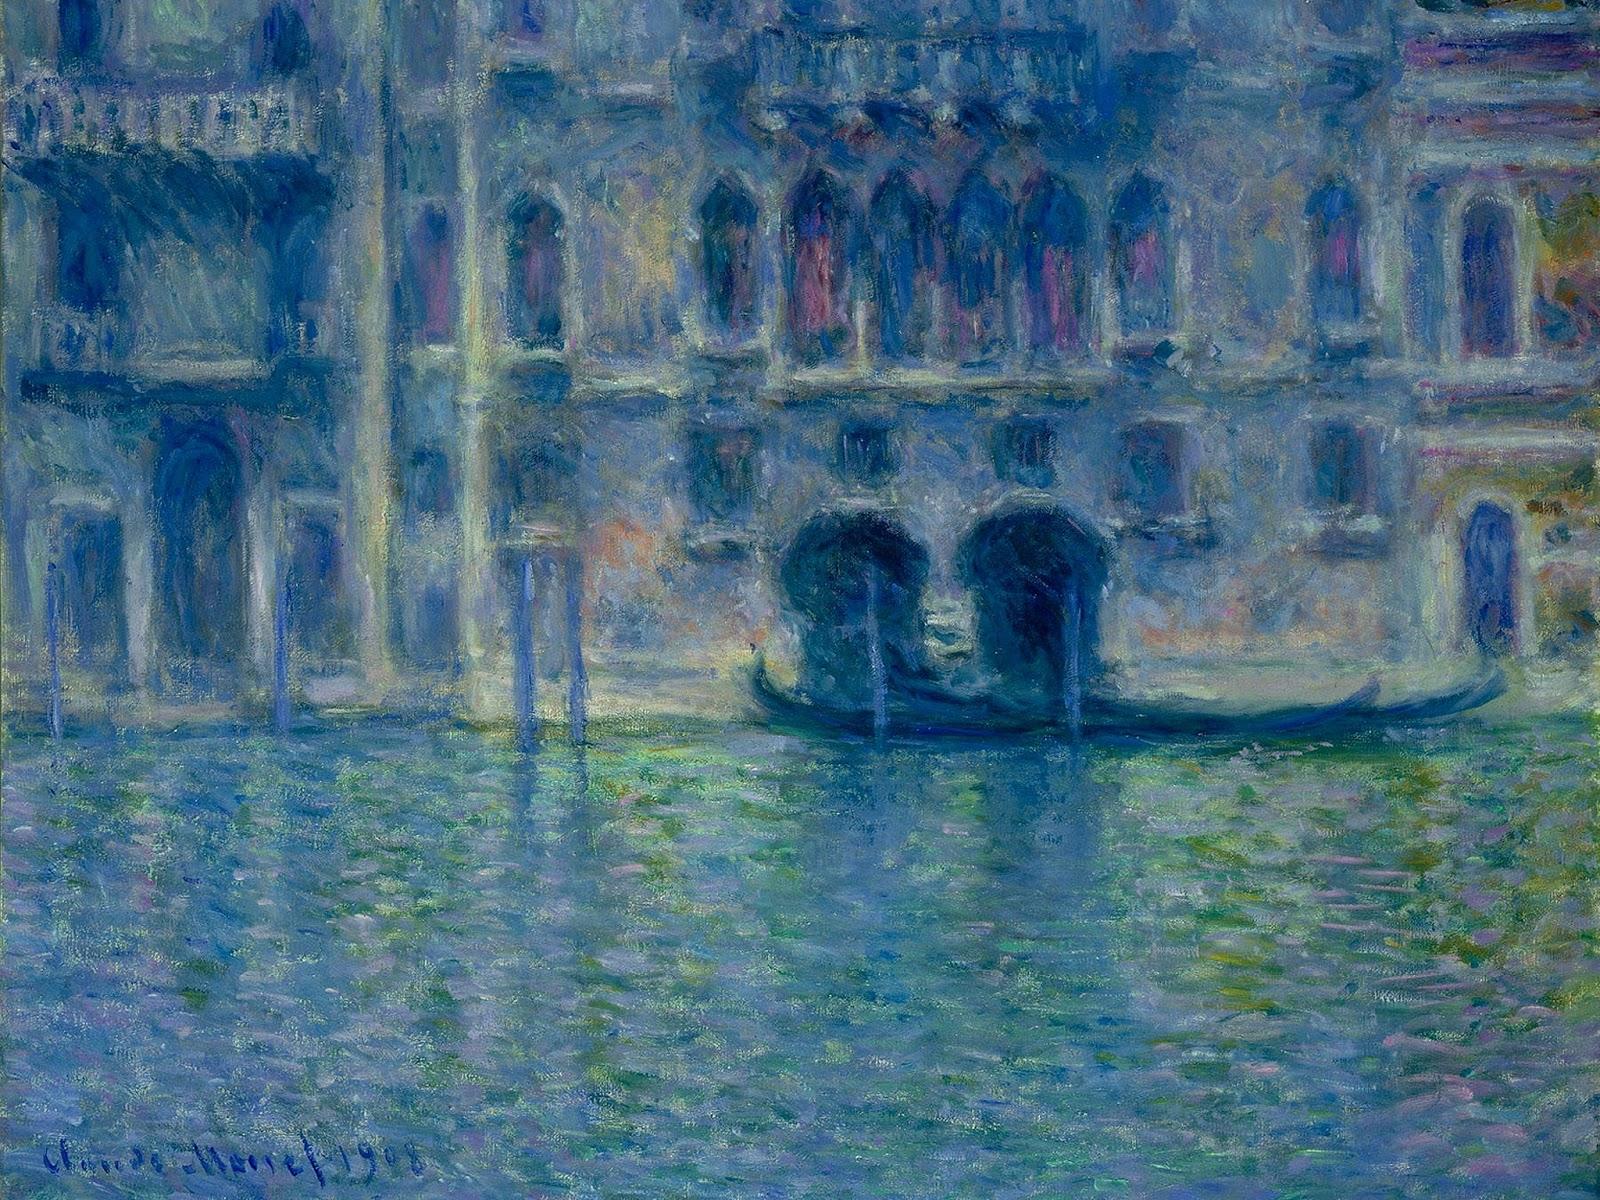 monet palazzo da mula Palazzo da mula at venice, 1908 by claude monet impressionism cityscape.